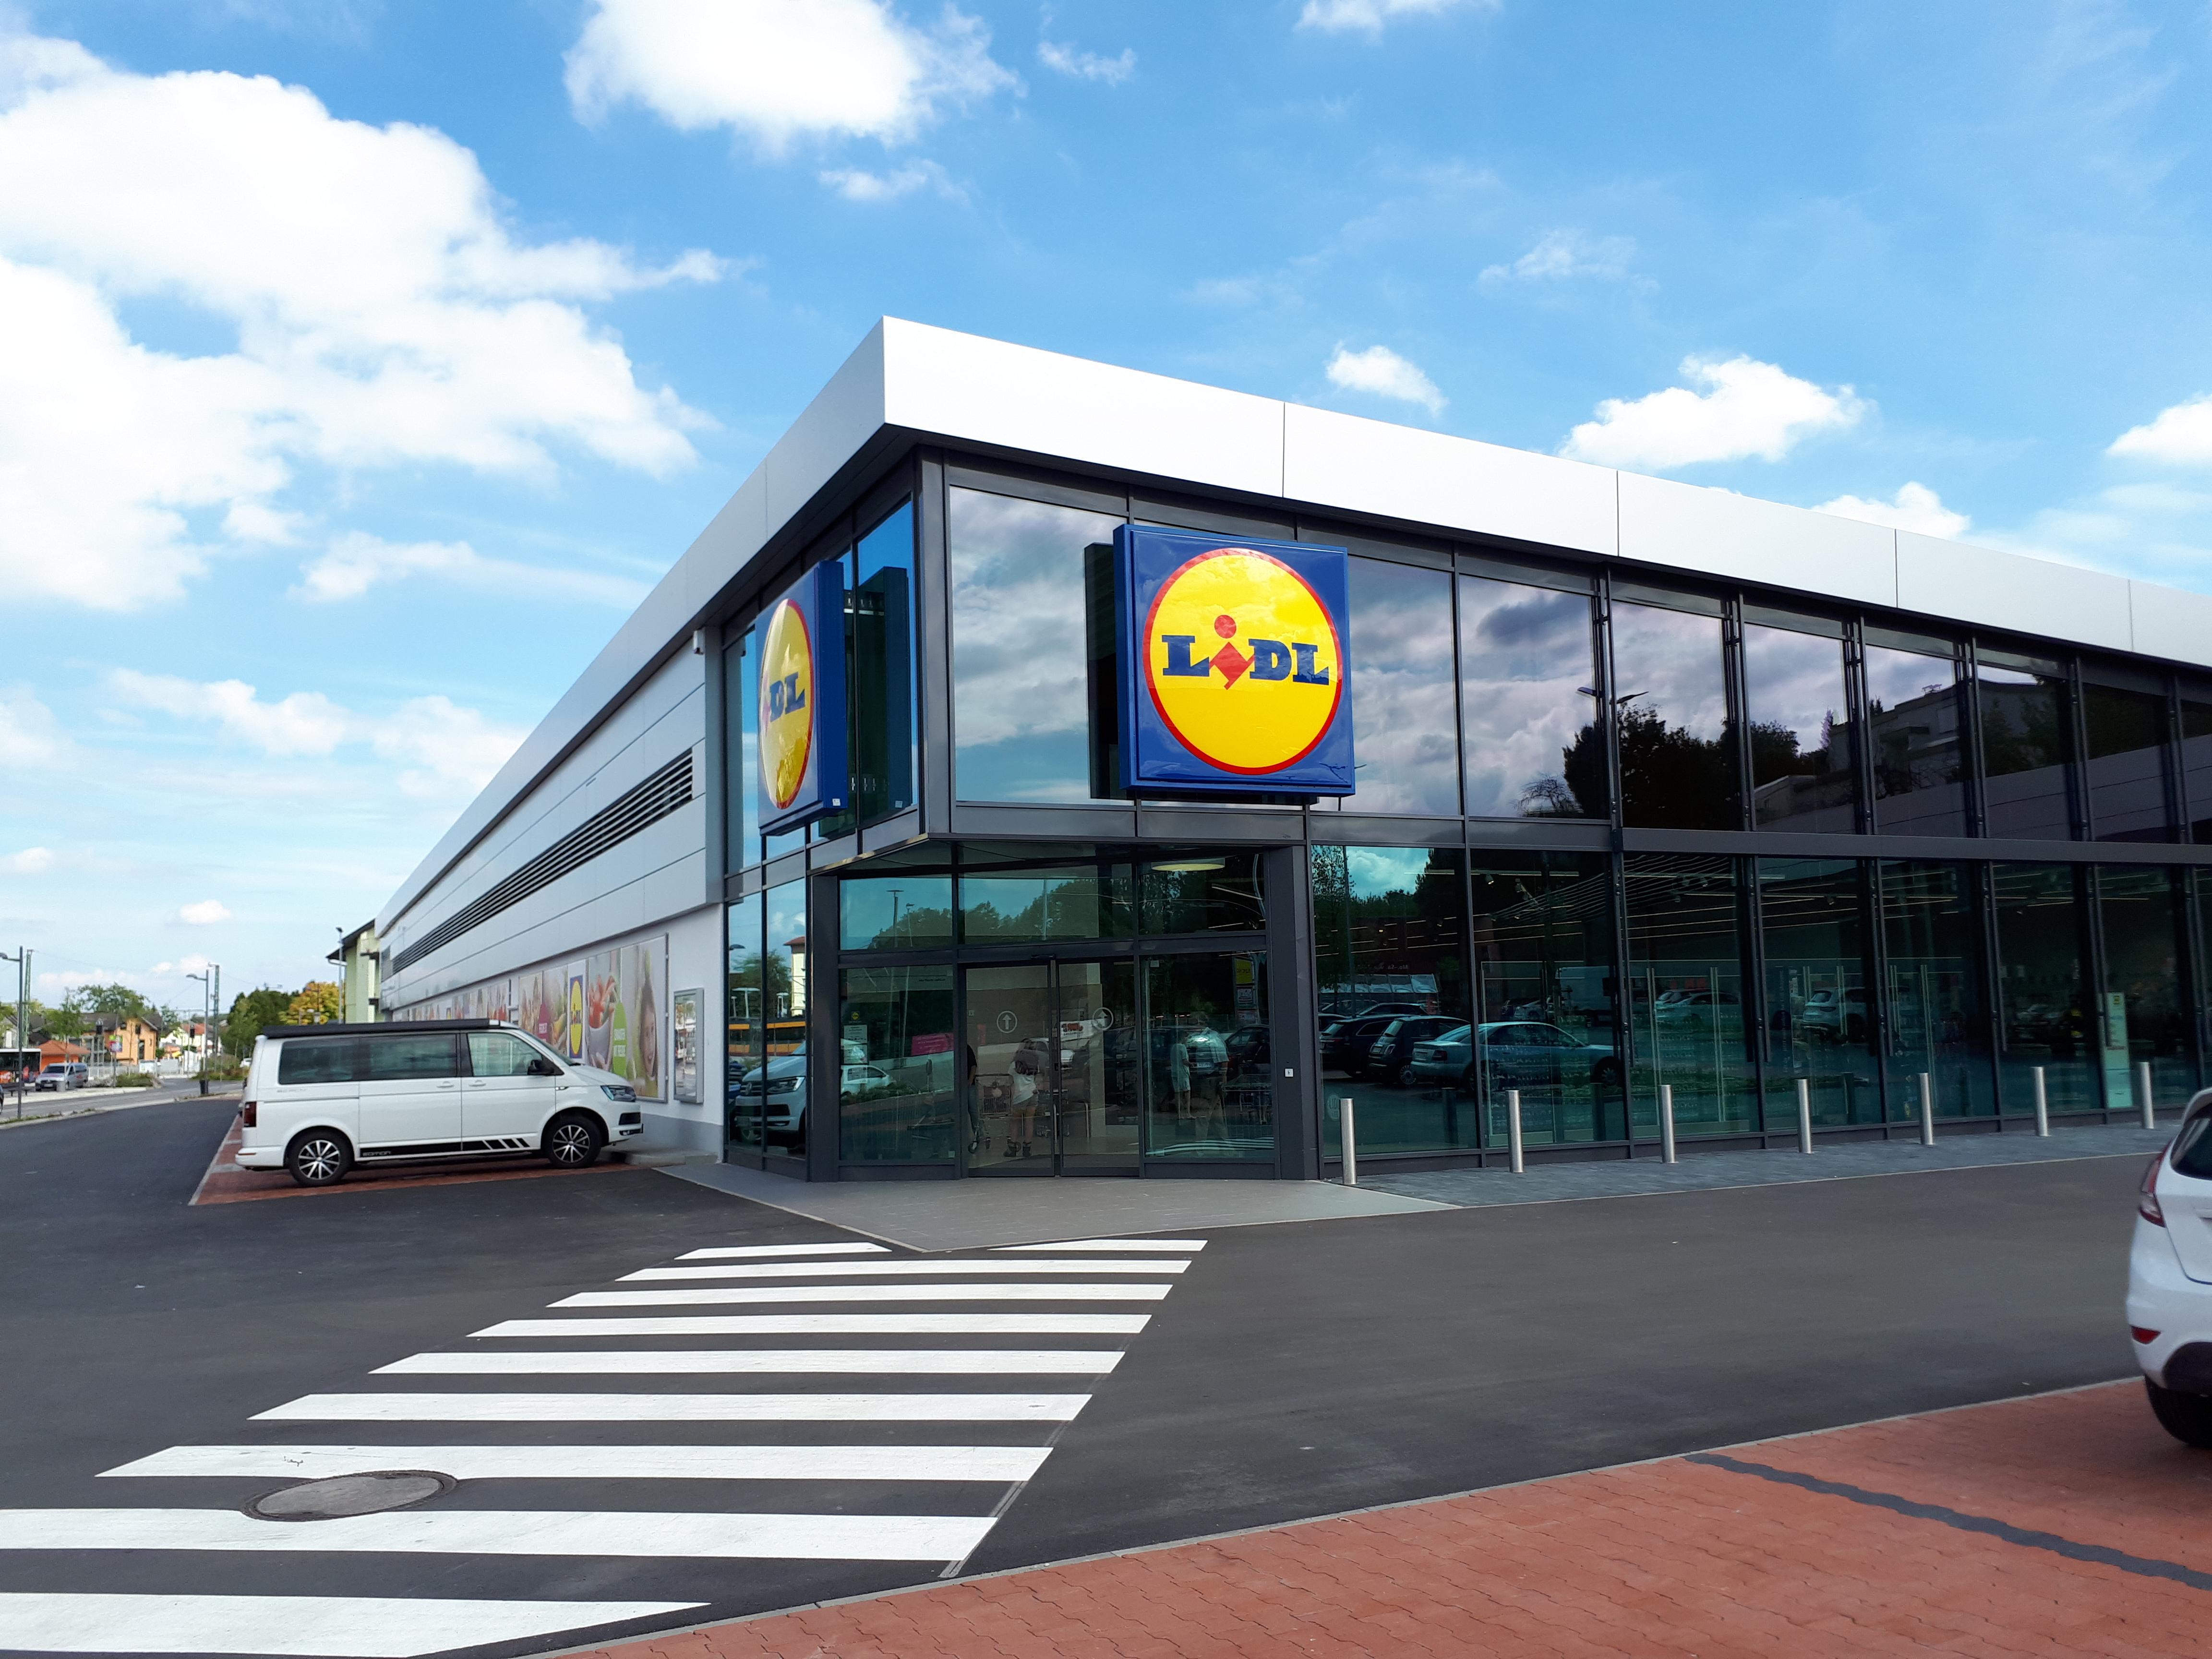 Aldi Lidl Und Kaufland Unter Den Top 10 In Der Welt Supermarkt Inside